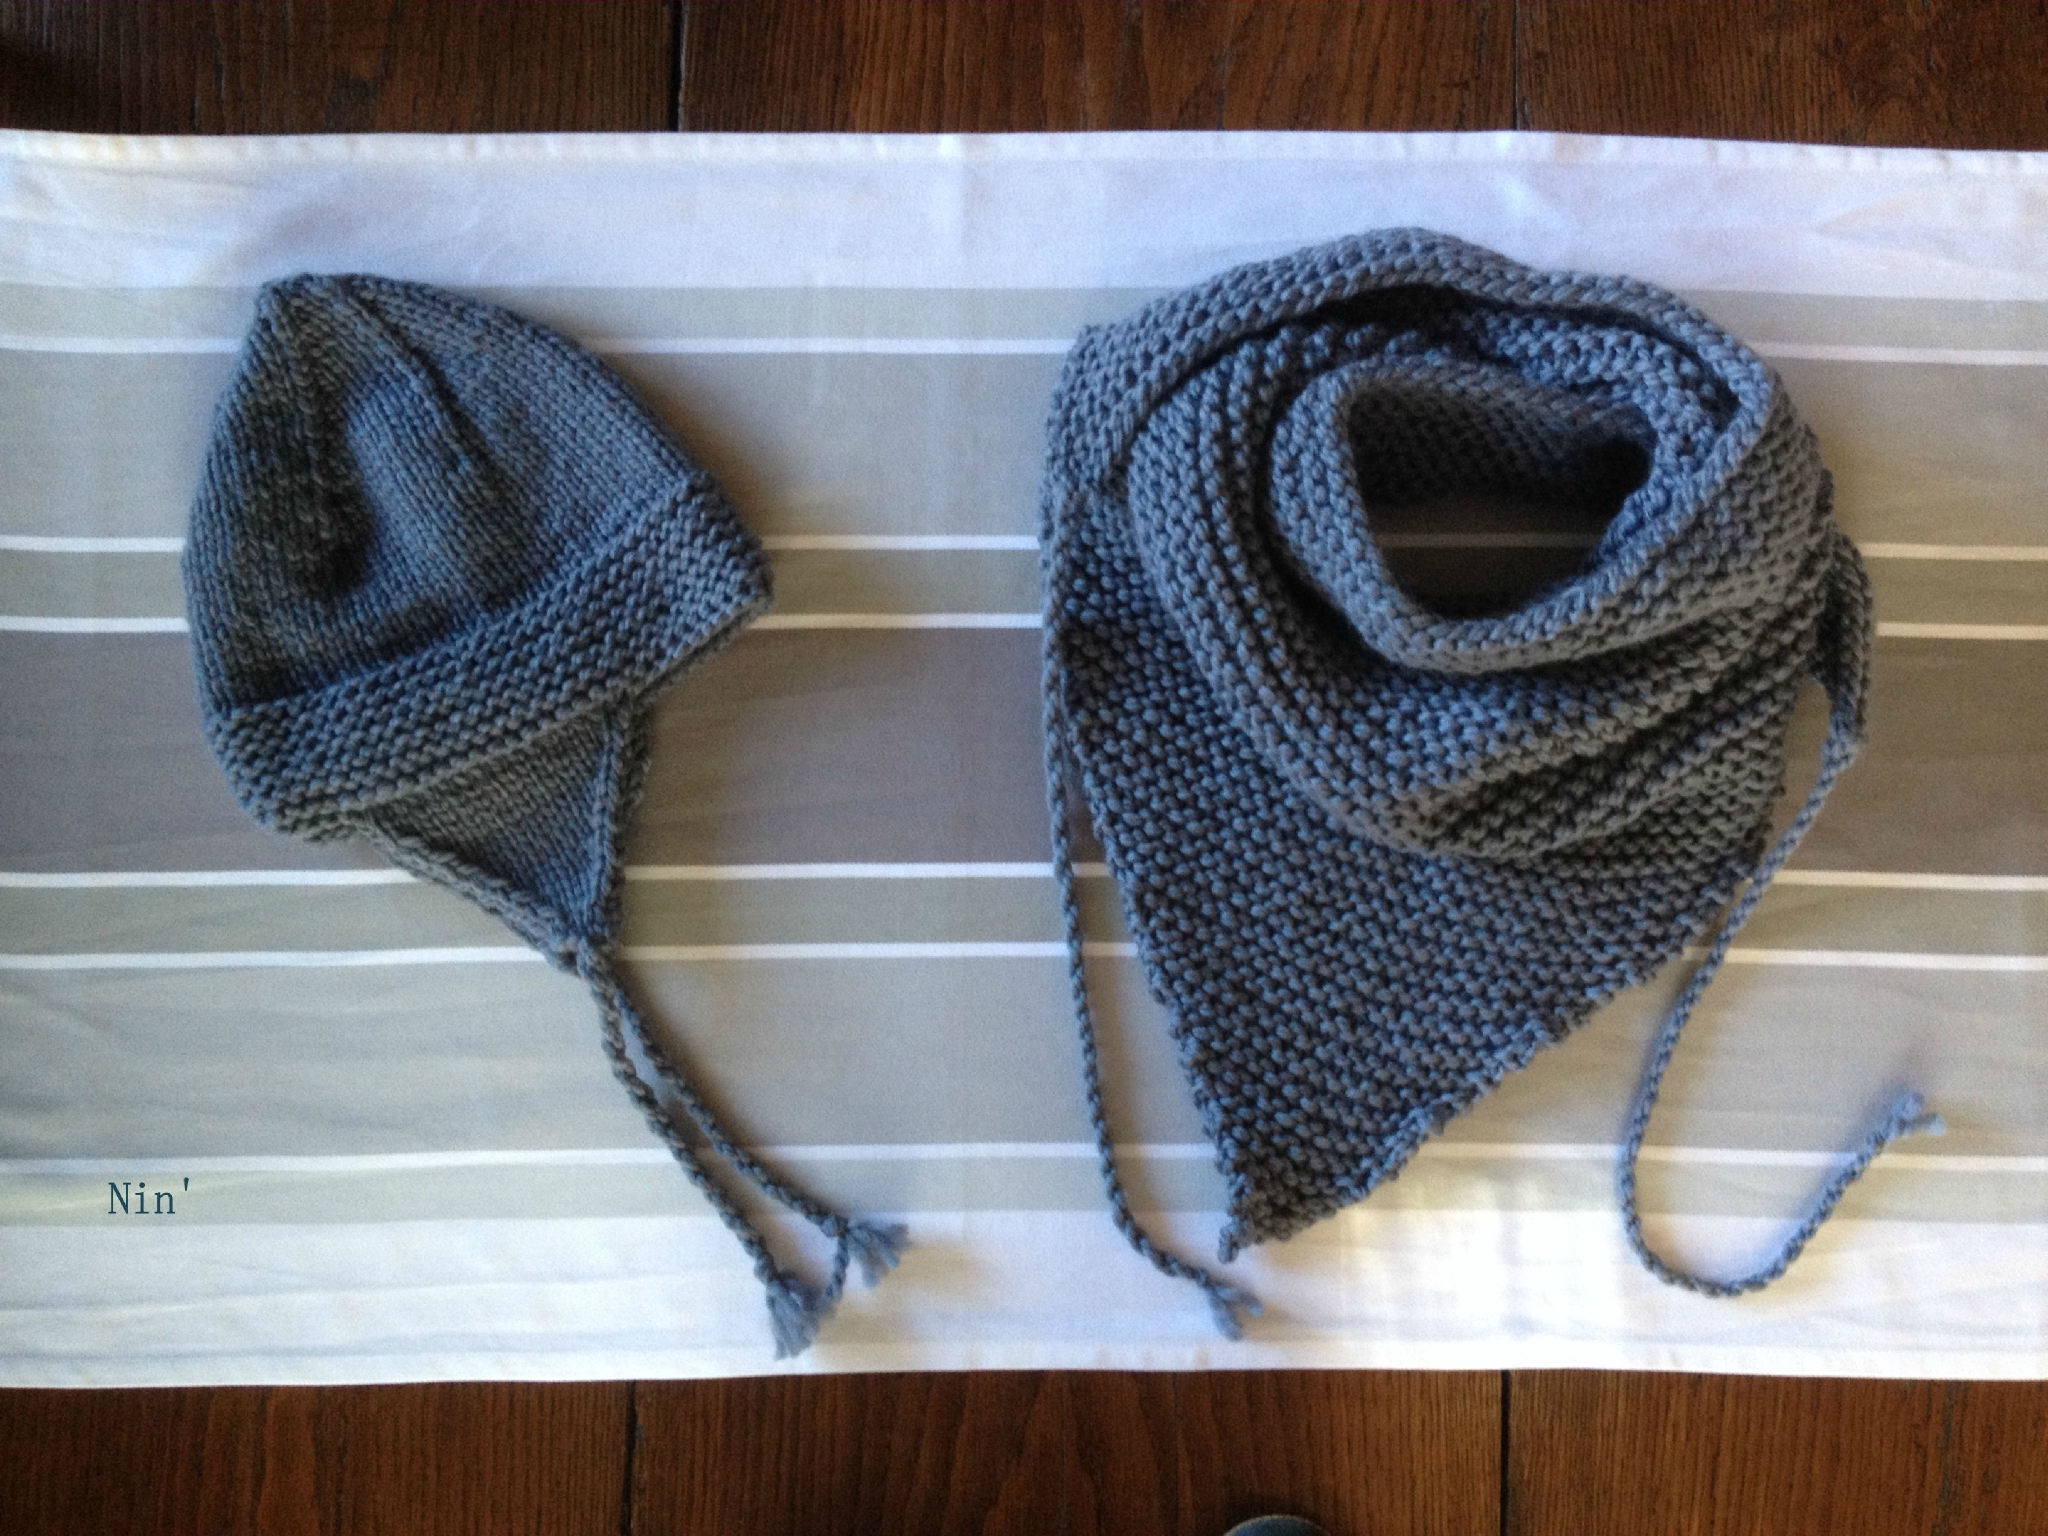 Clich-233-patron-tricot-bonnet-naissance - OneLetter.CO 8625faba6b1